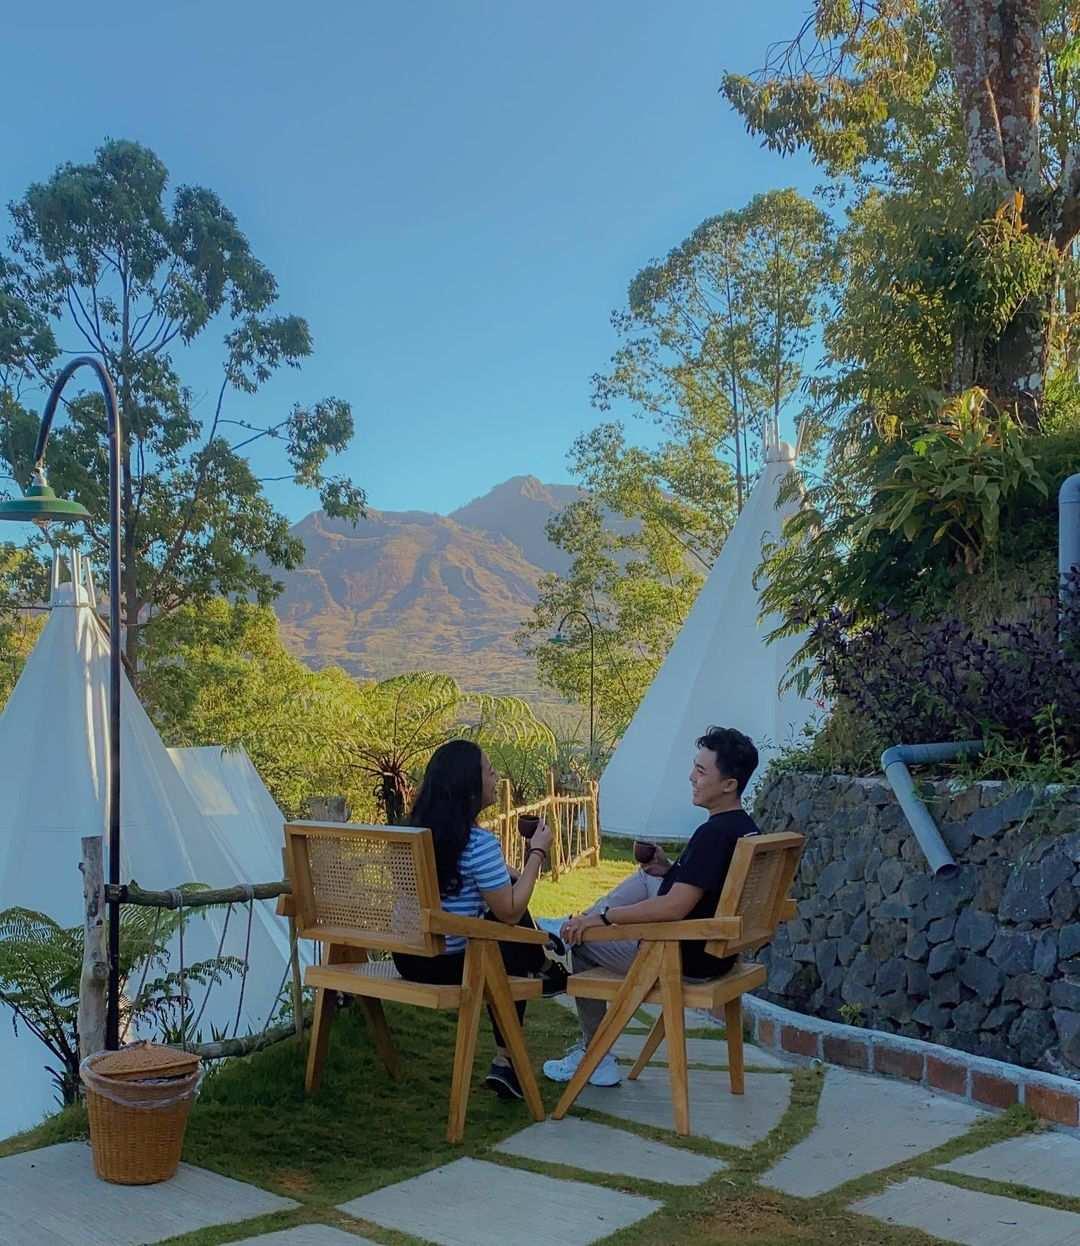 Menikmati Waktu Di Alam Caldera Camping Bali Image From @permanafendi